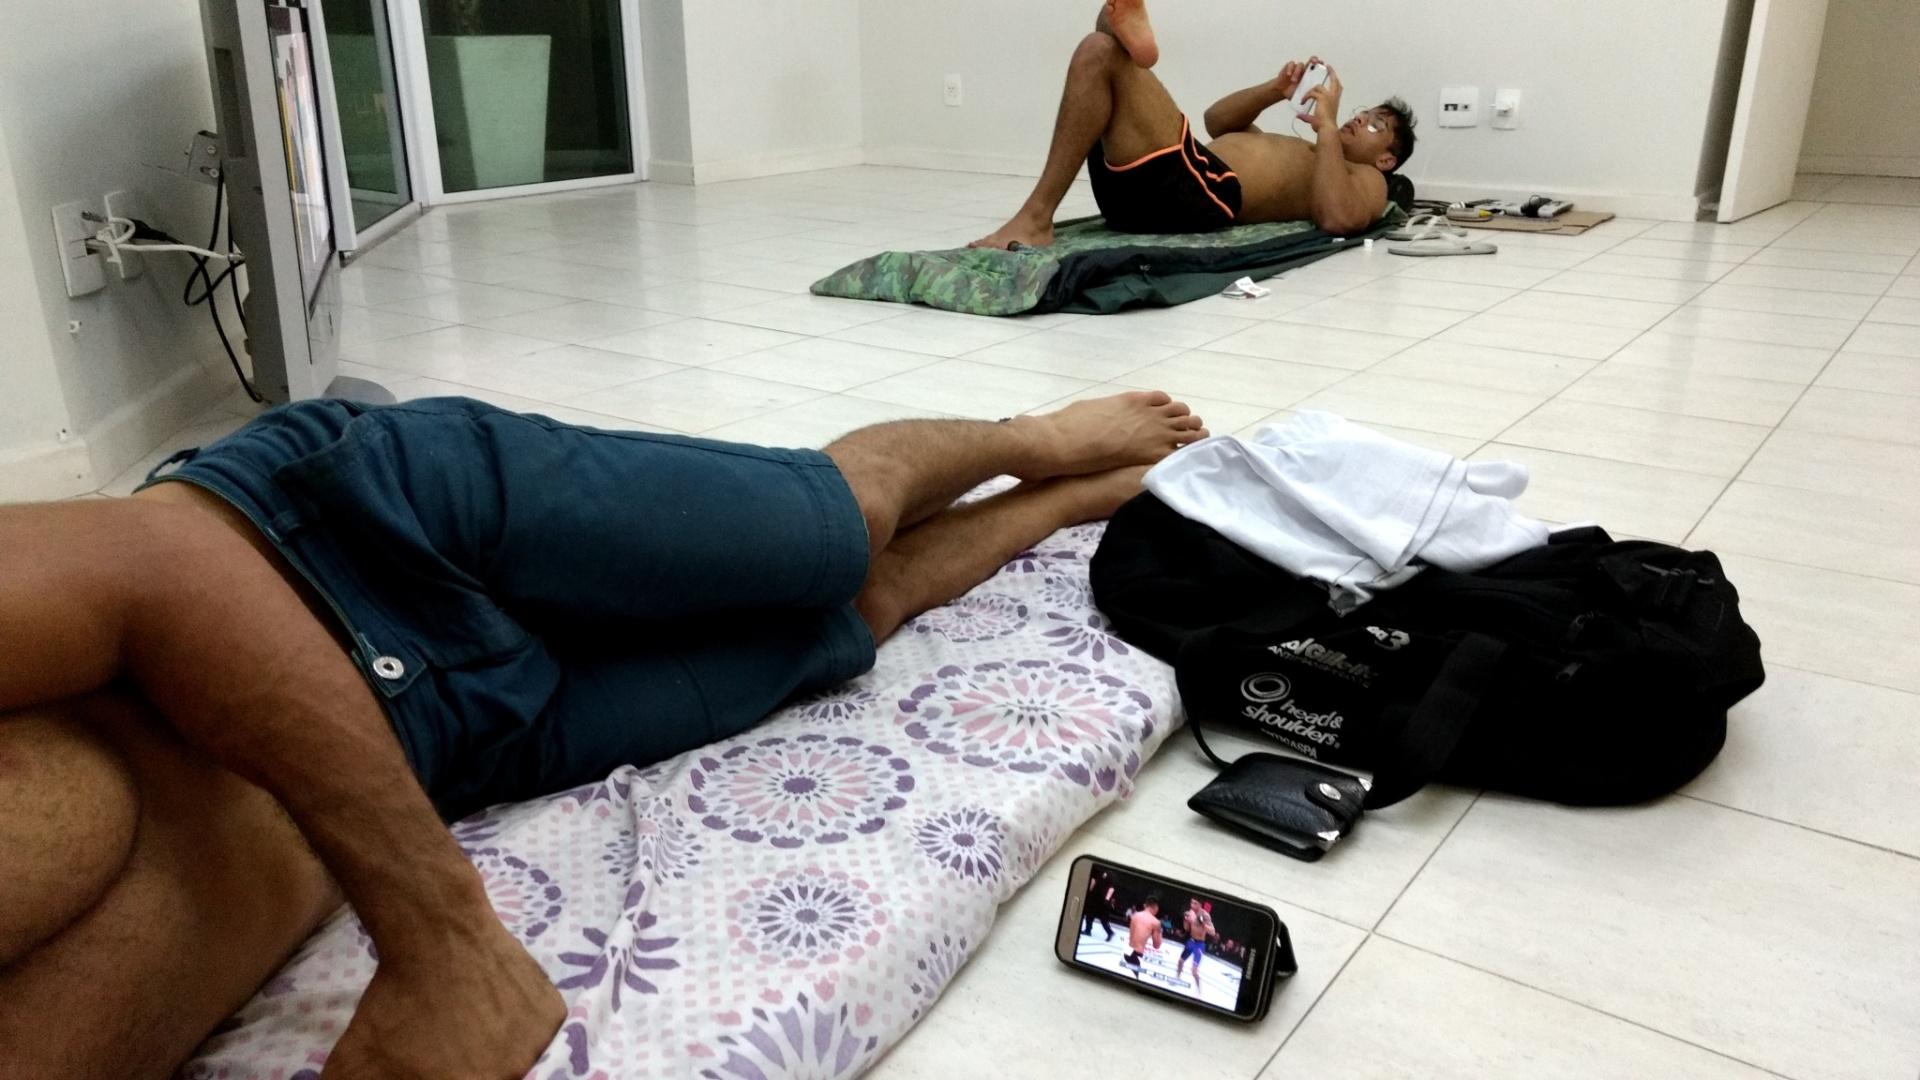 Borracha assiste ao UFC no celular enquanto Borrachinha descansa